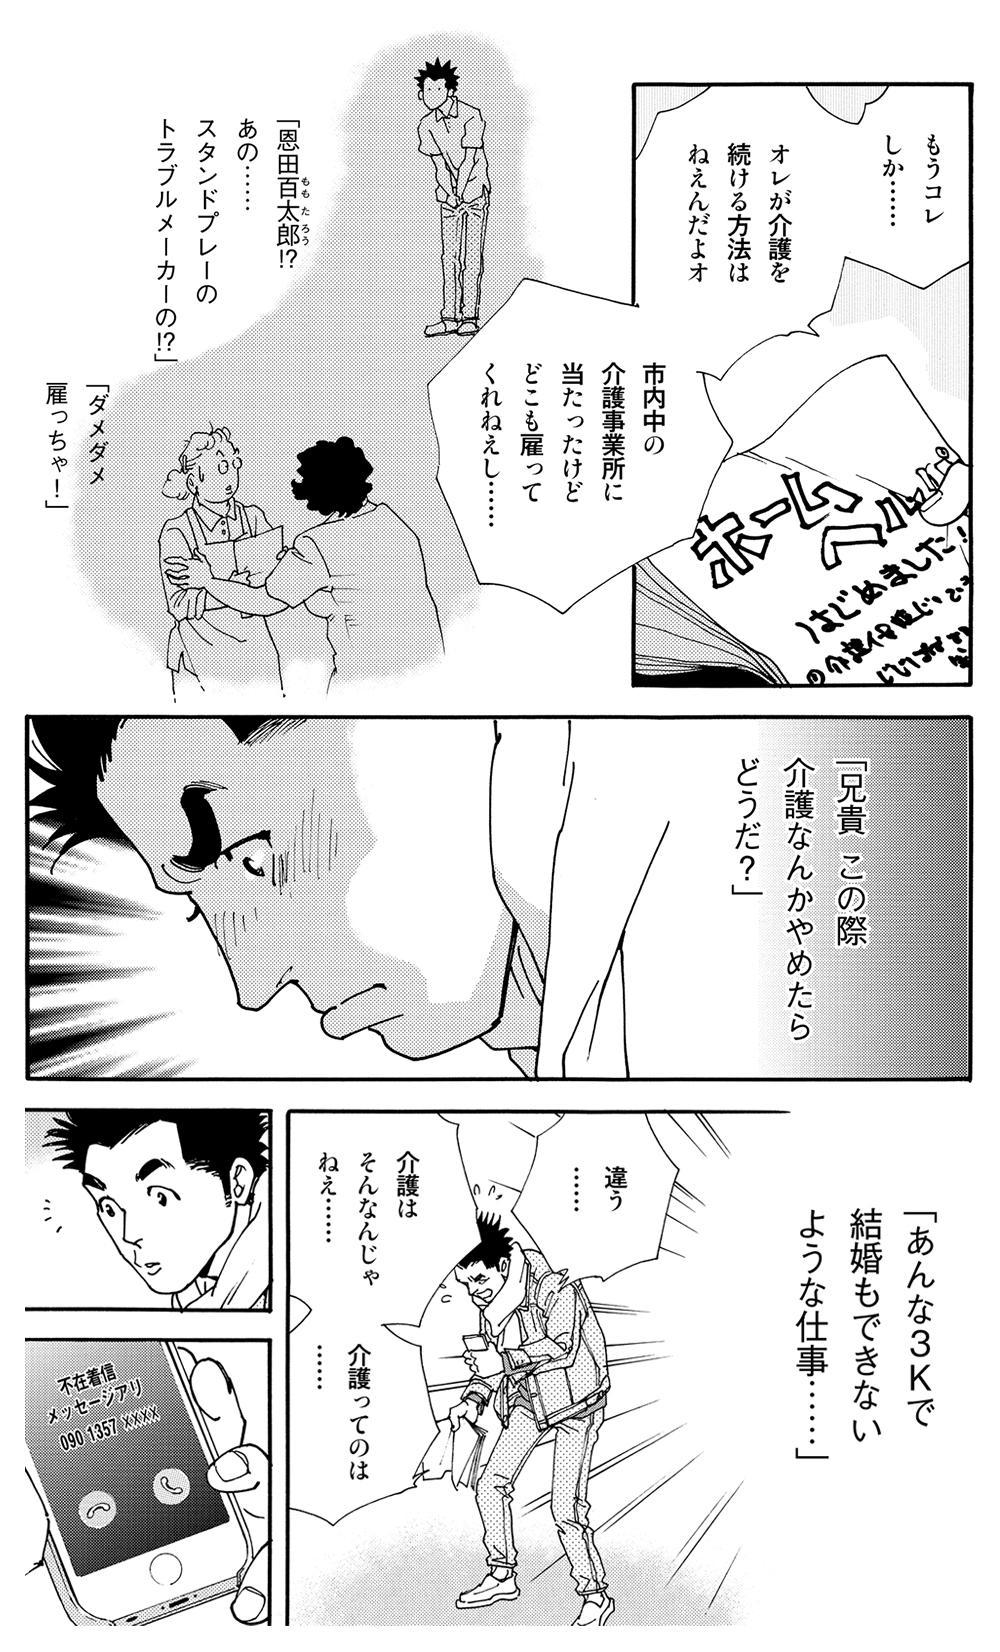 ヘルプマン!! 第3話「怪しい男」helpman03-09.jpg